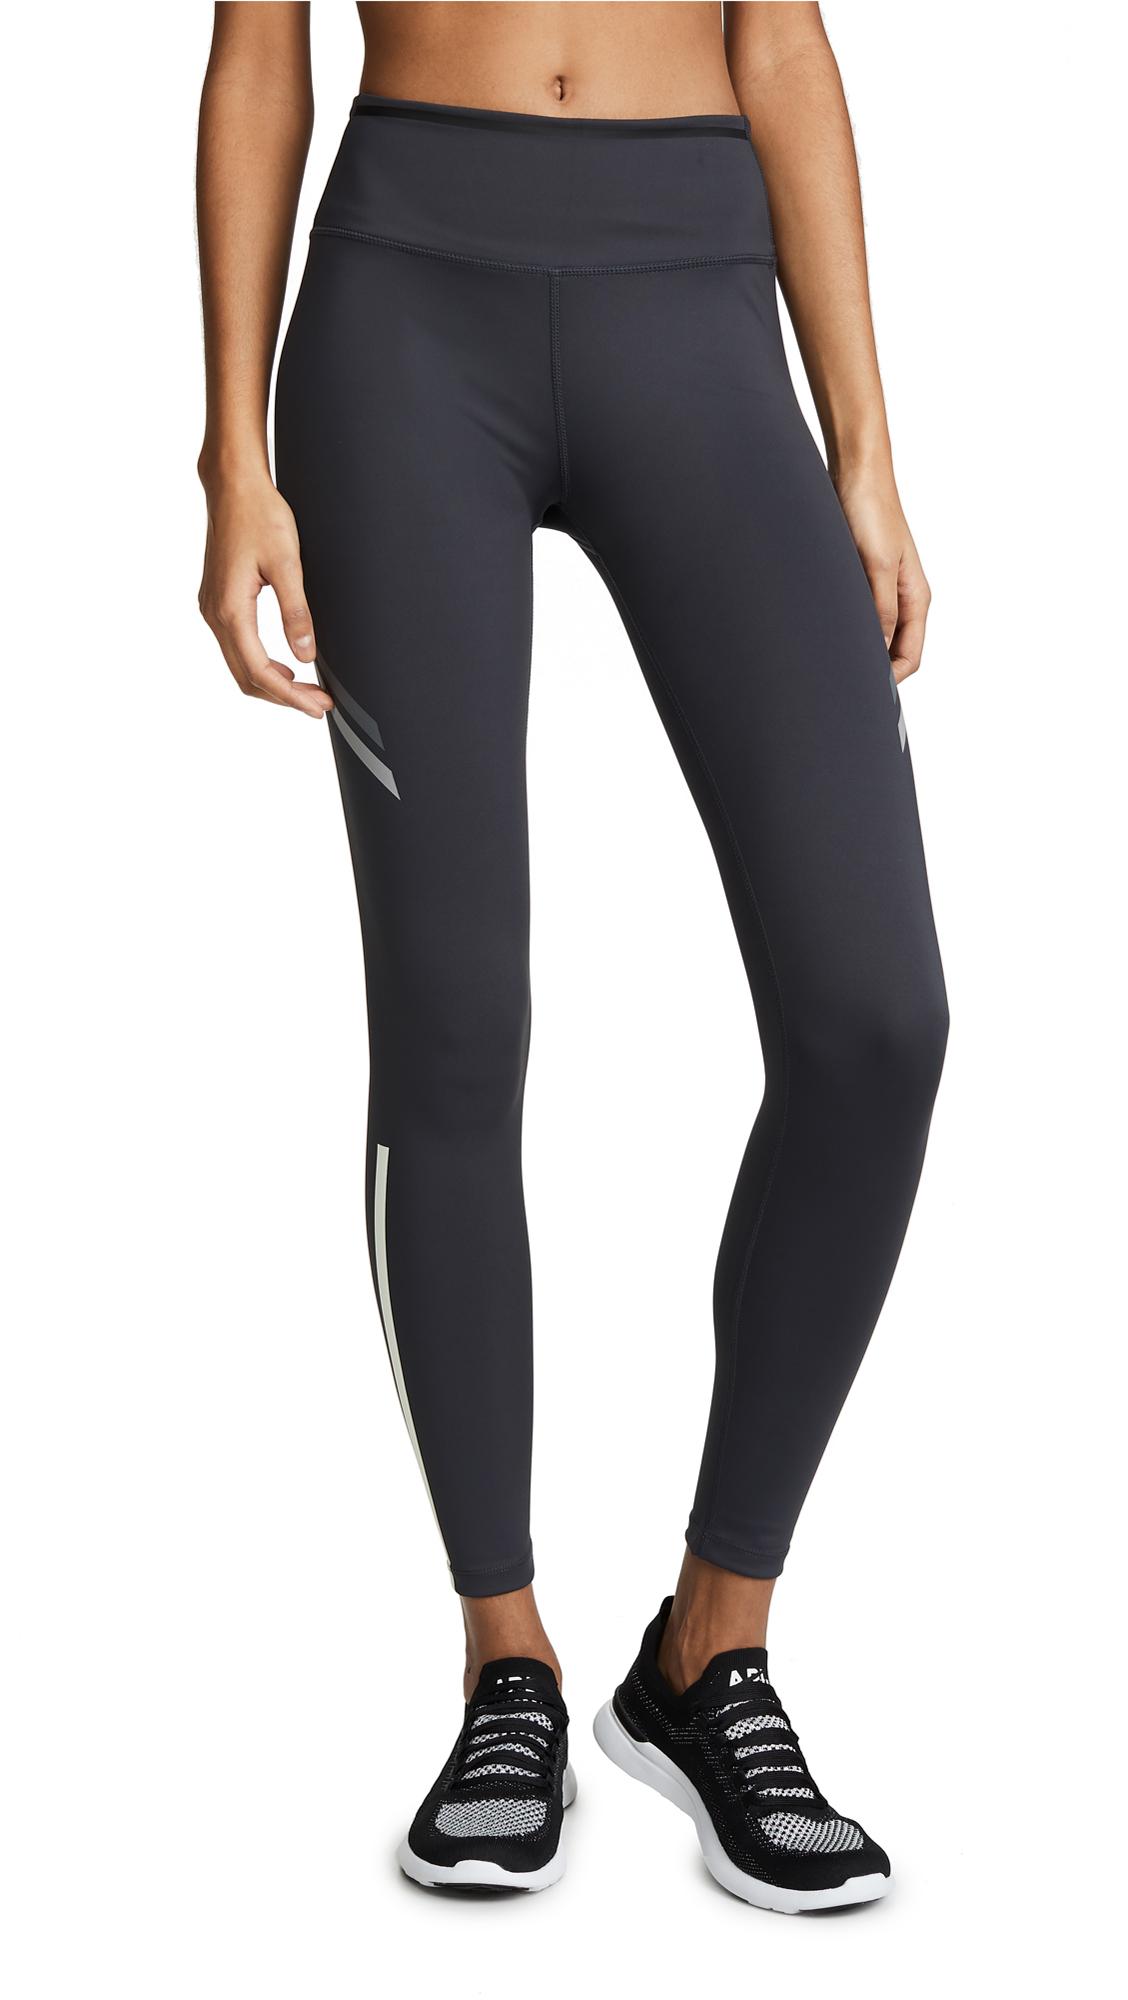 140e113817f25 Splits 59 Leggings | Fashionbash USA